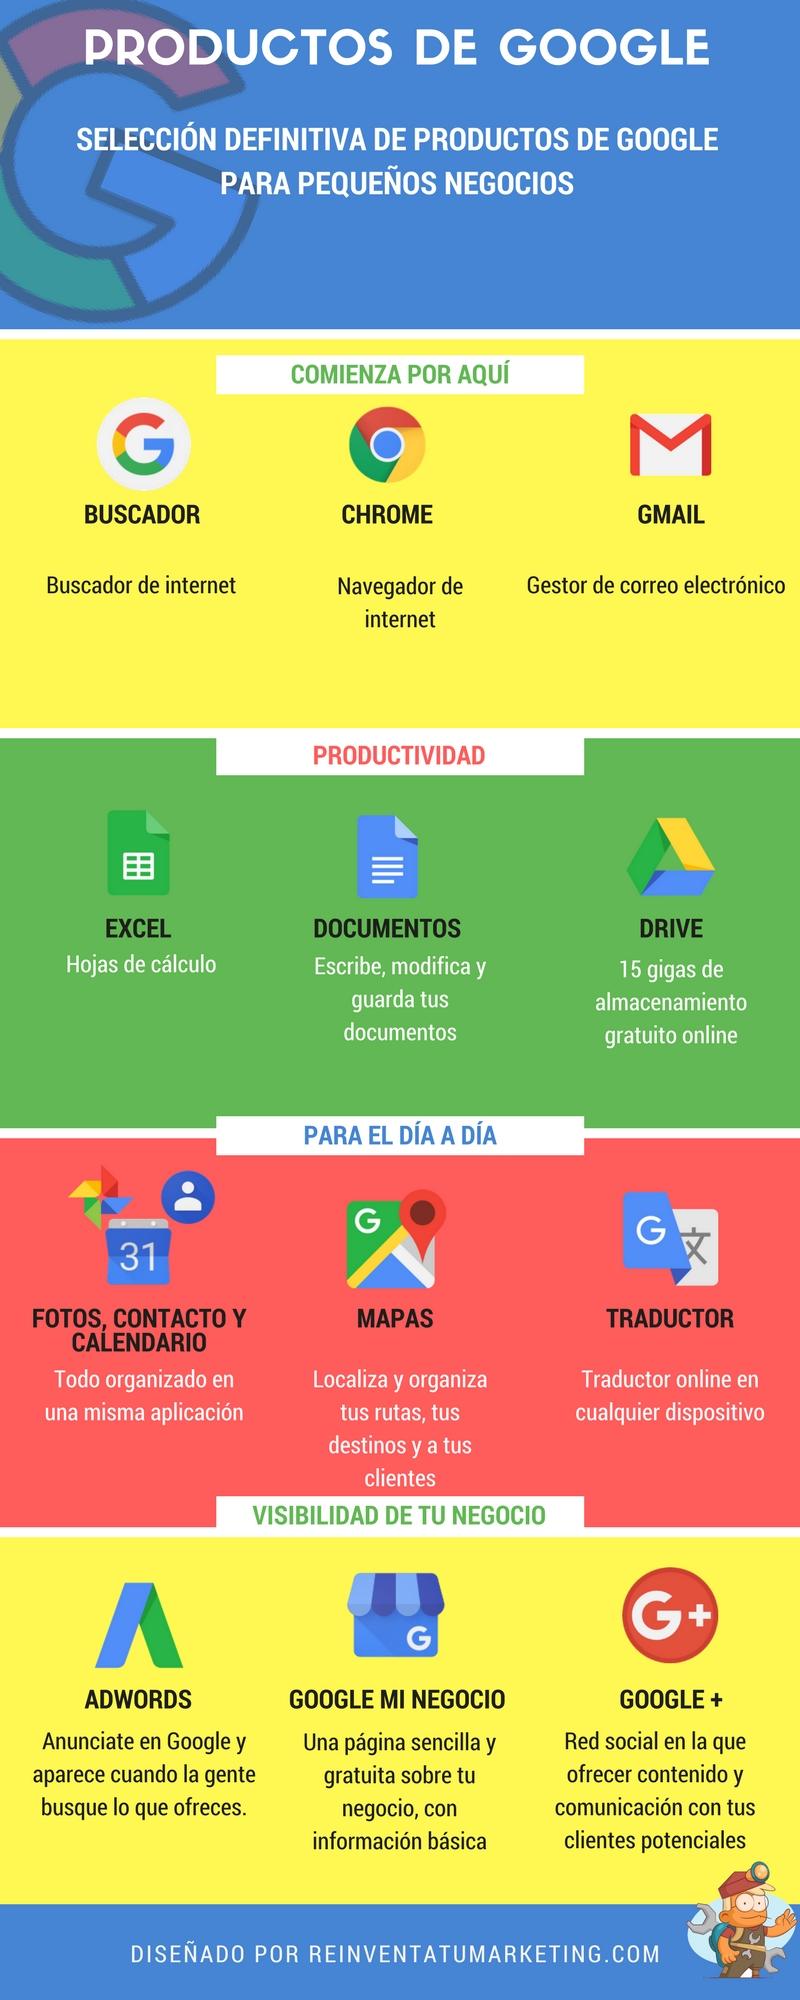 Google para pequeños negocios